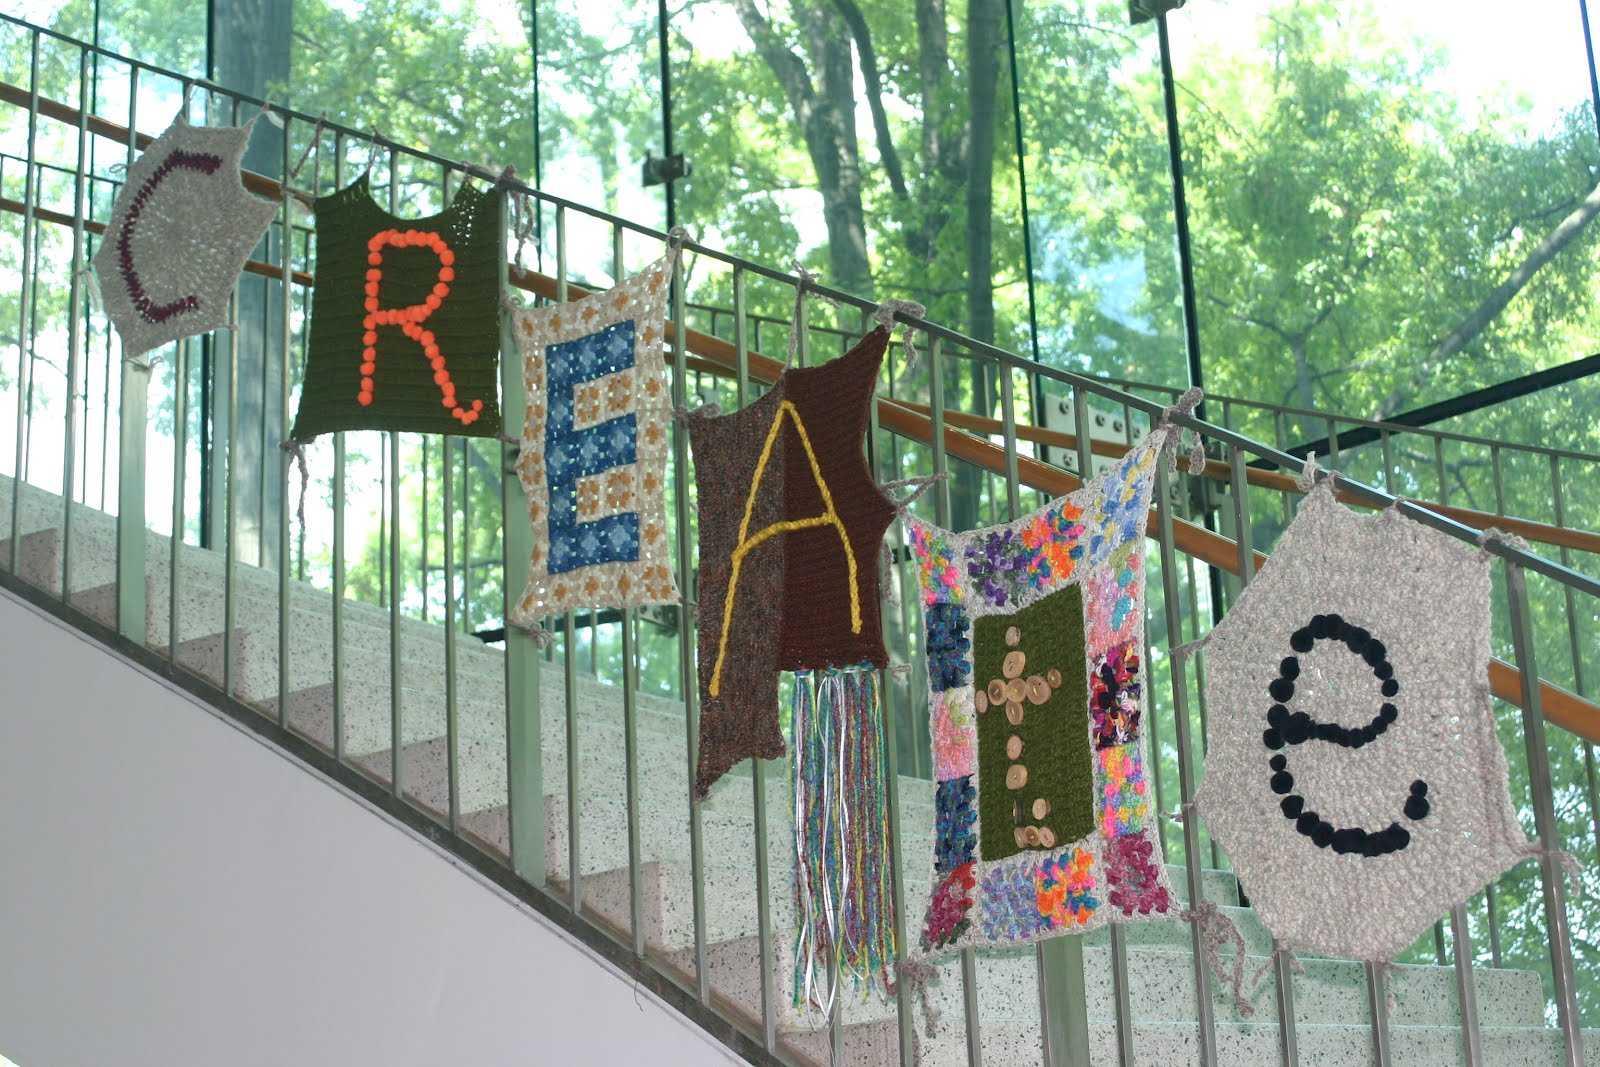 donna rutledge okoro crochet art